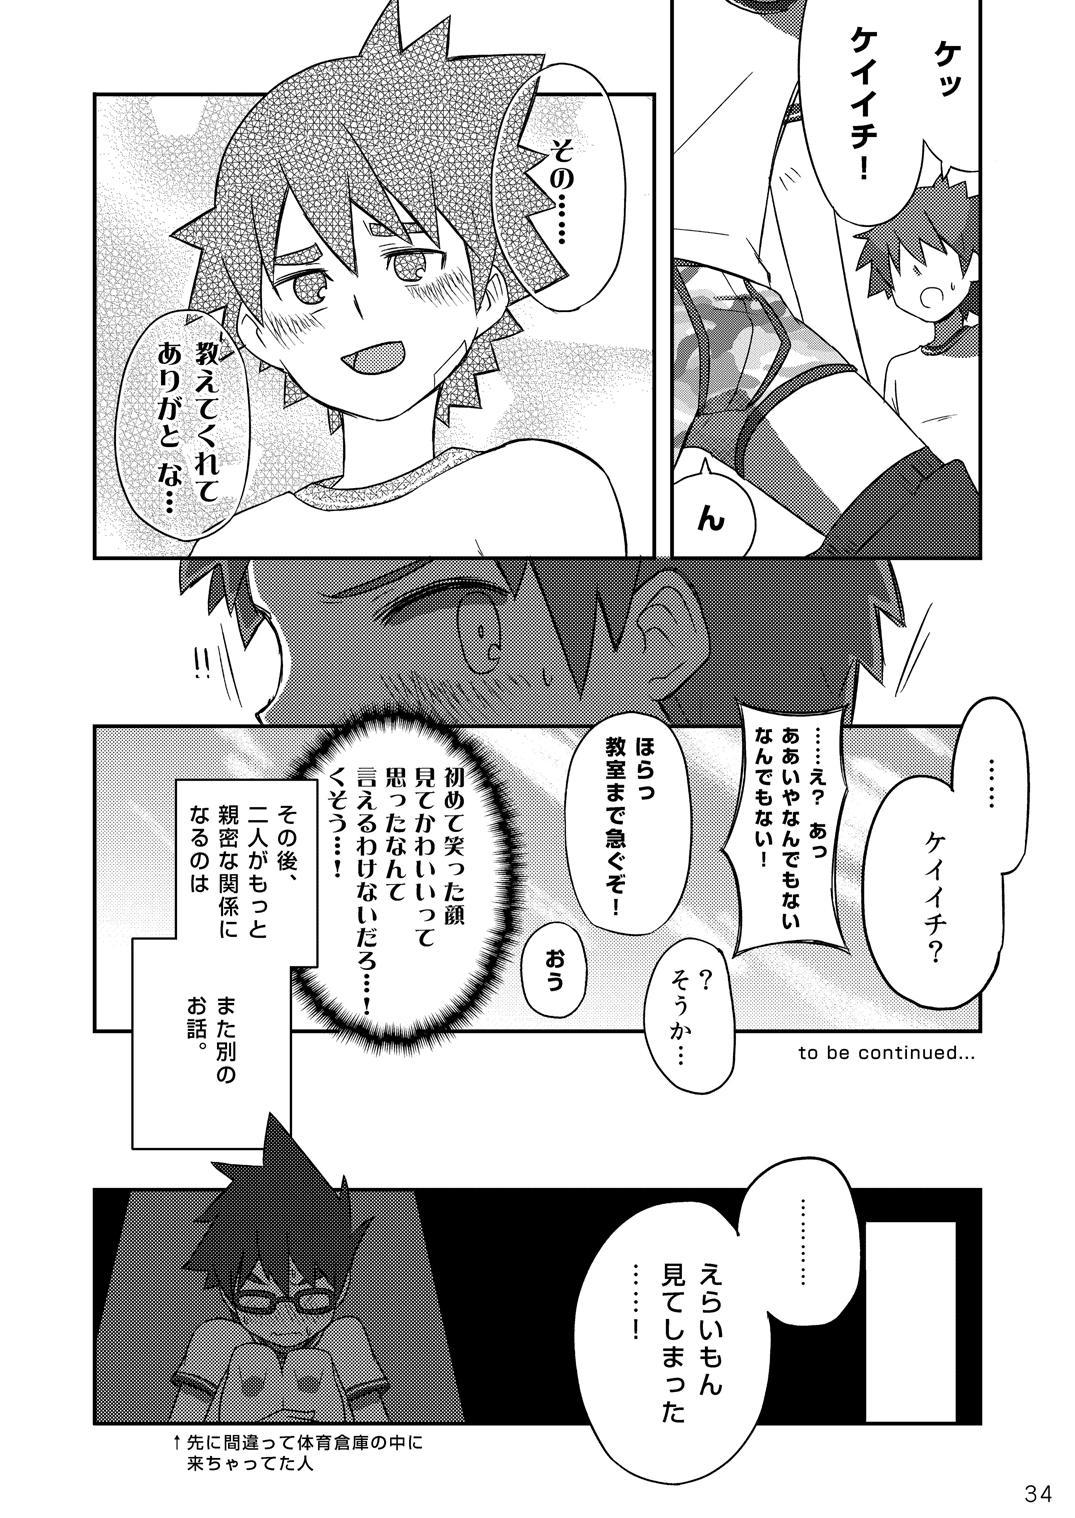 (Shota Scratch 18) [Drum-Kan (Kine)] Arashi-kun to Keiichi-kun. 33